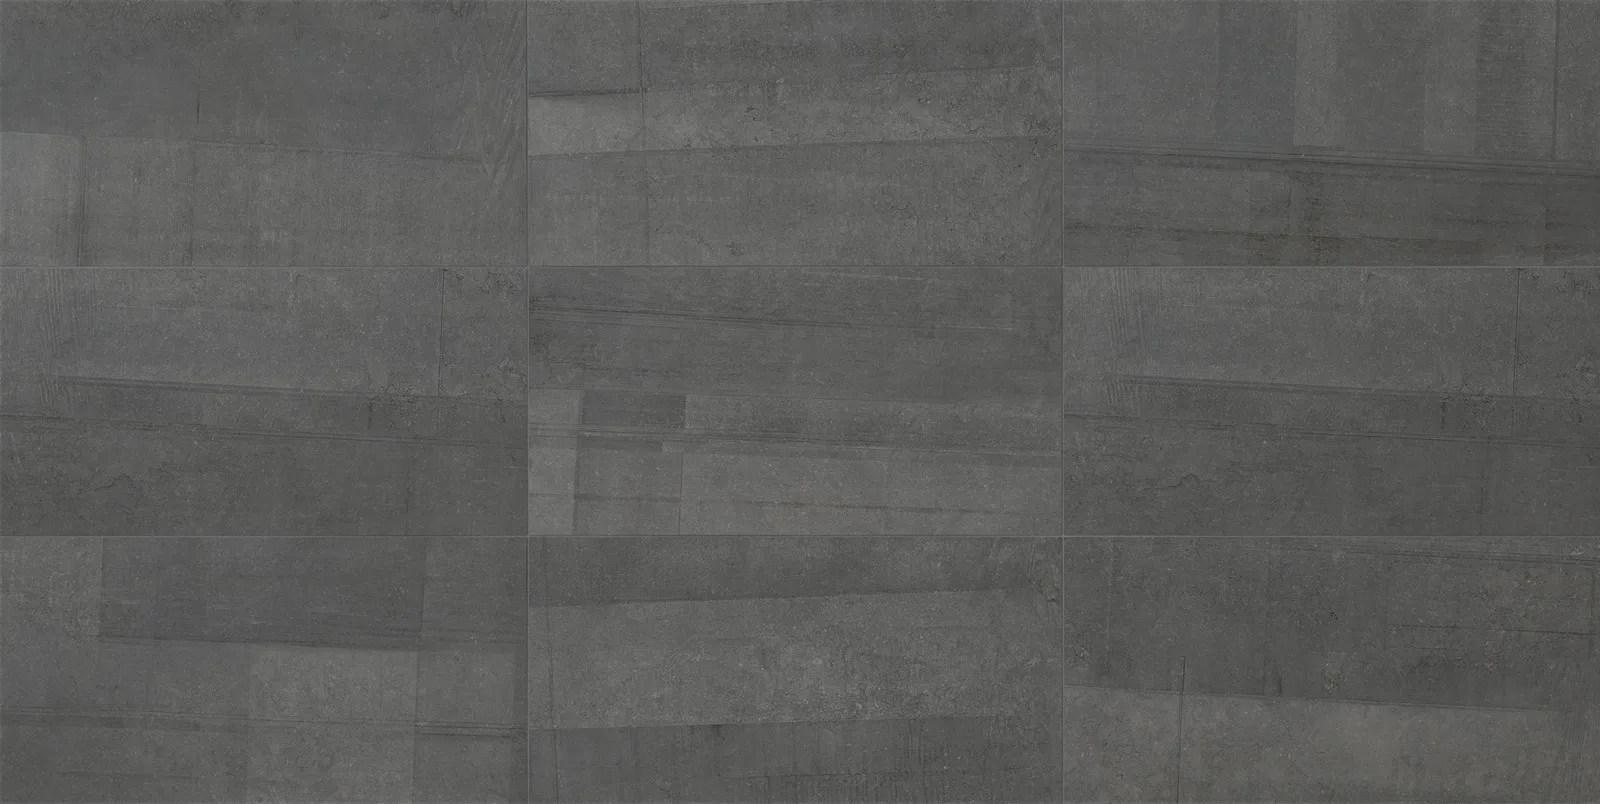 Pavimentorivestimento in gres porcellanato effetto cemento per interni ed esterni MATERIA D